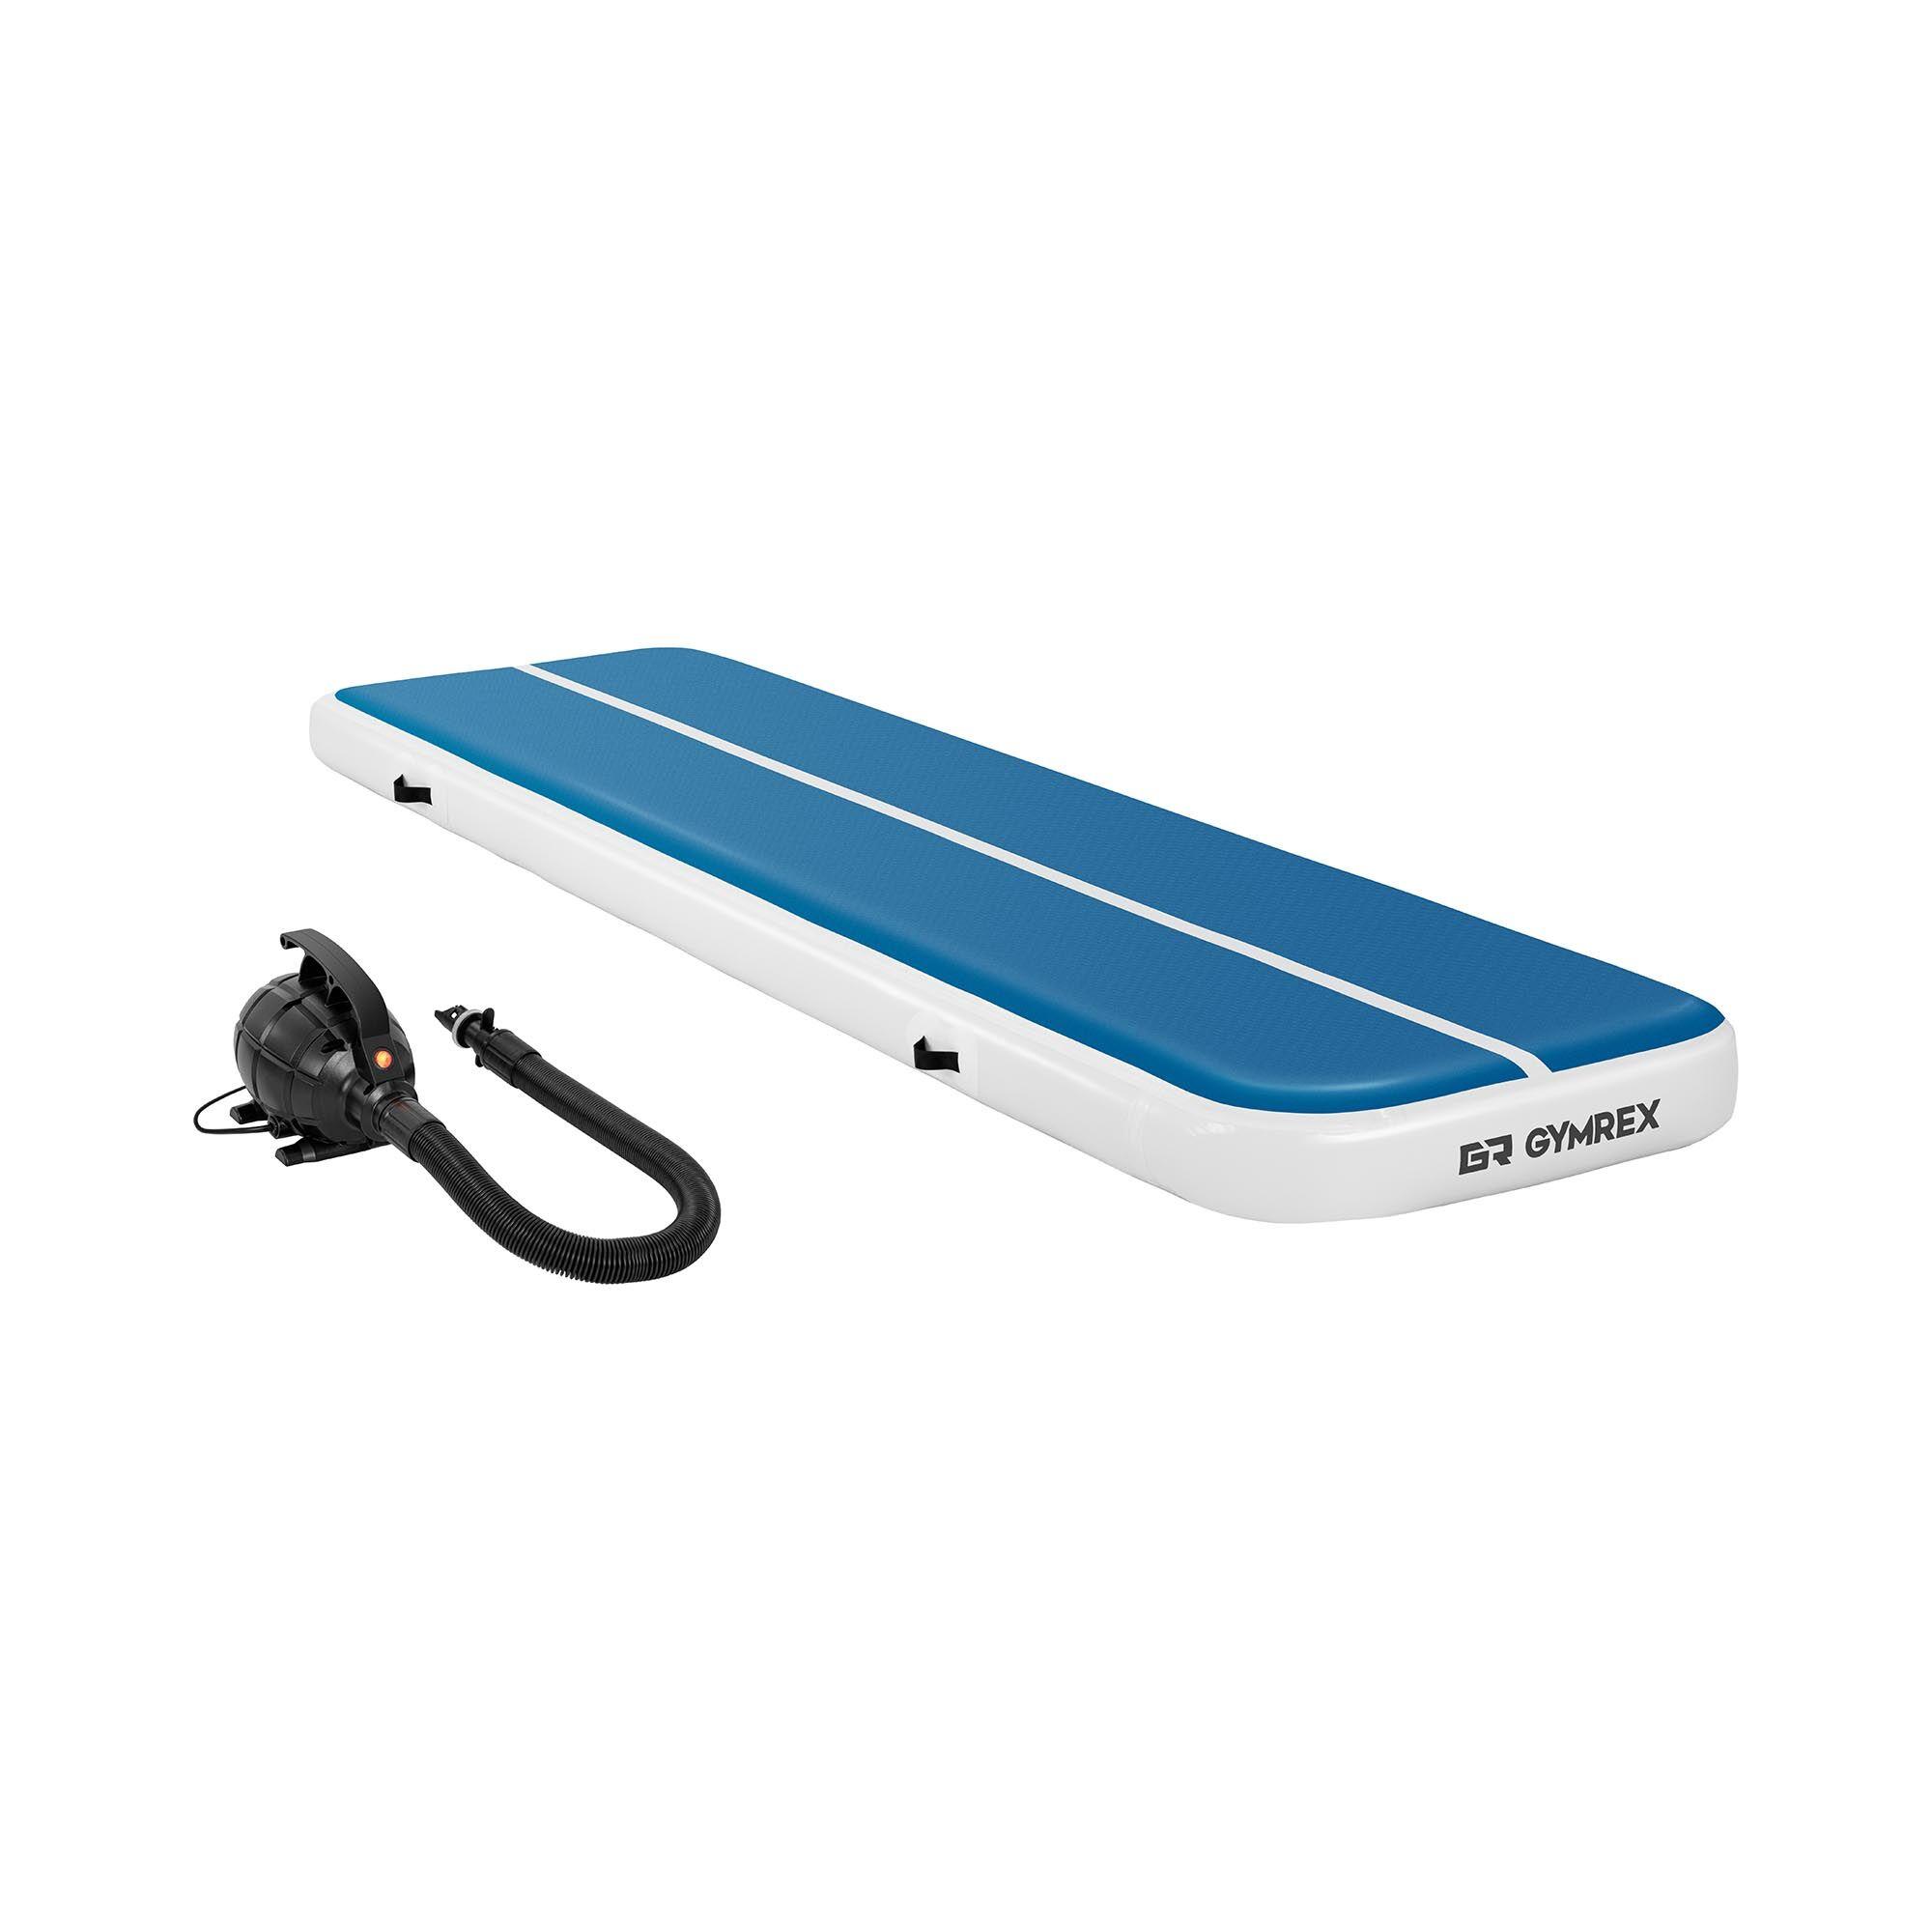 Gymrex Air track - Aitrack avec gonfleur électrique - Airtrack - 400 x 100 x 20 cm - 200 kg - Bleu/blanc GR-ATM5-SET